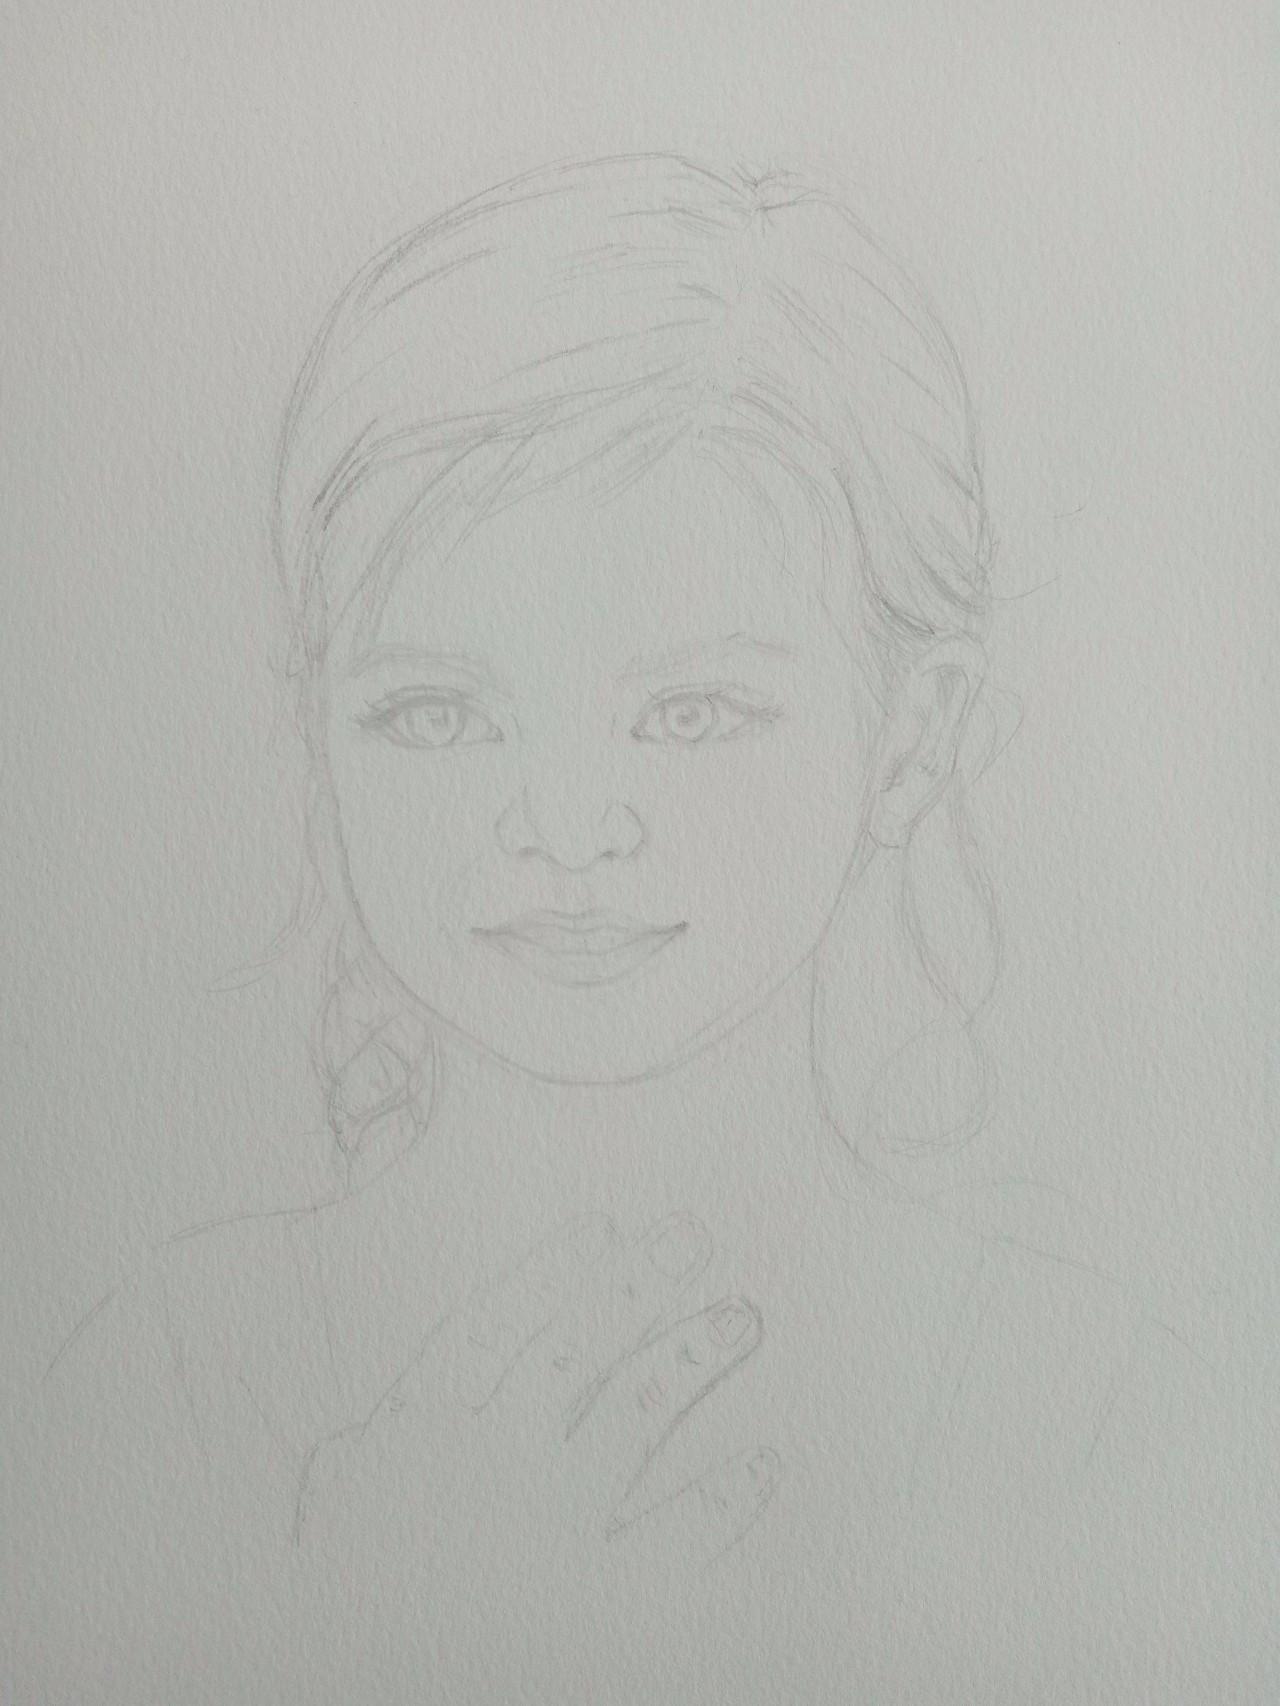 手绘人物笑脸素描